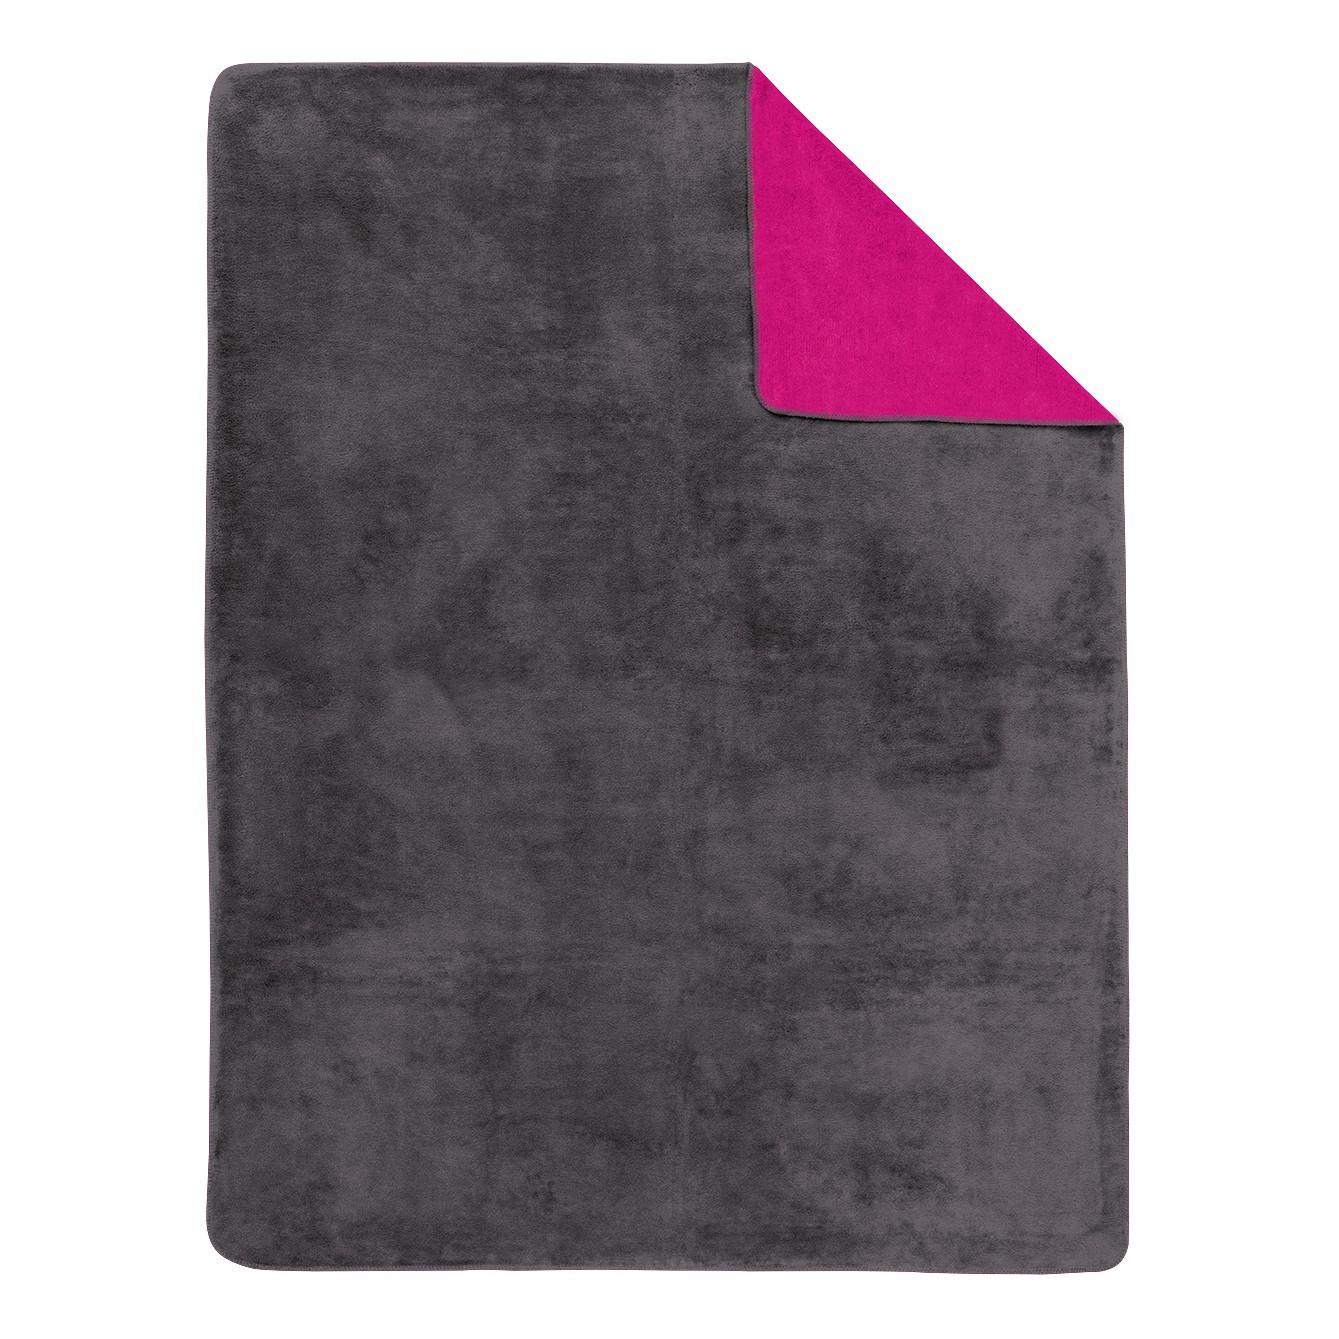 Home 24 - Couverture unie double-face sorrento - gris foncé / rose vif - 150 x 200 cm, ibena